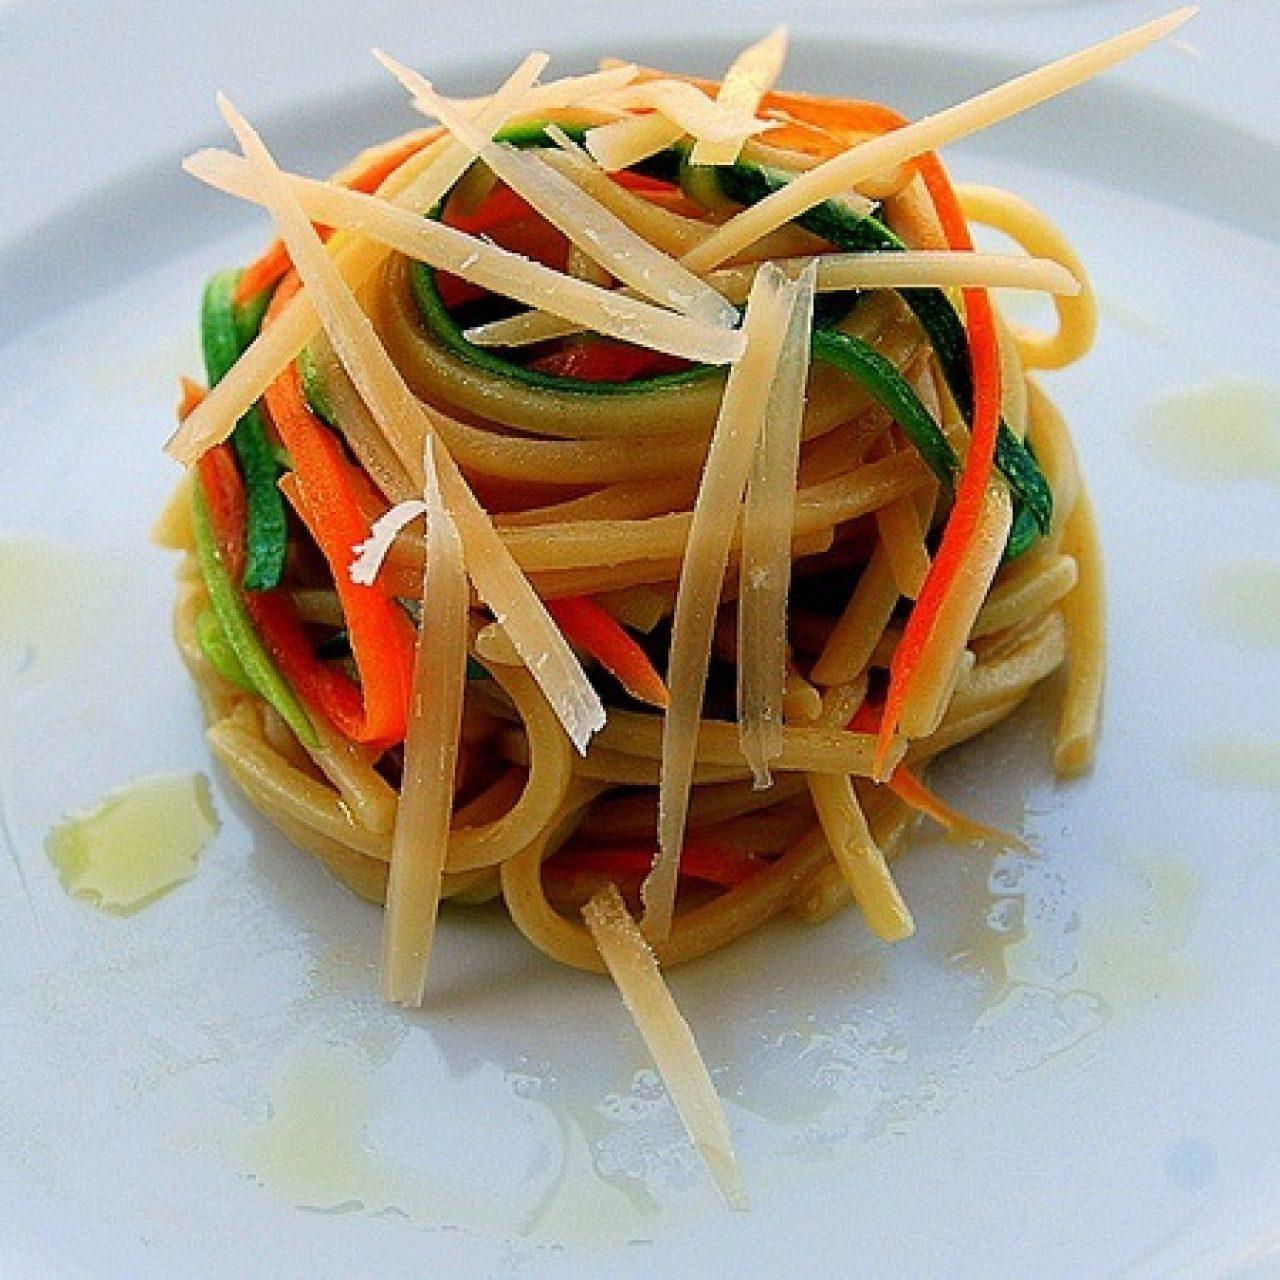 Chitarra con julienne di carote, zucchine e parmigiano